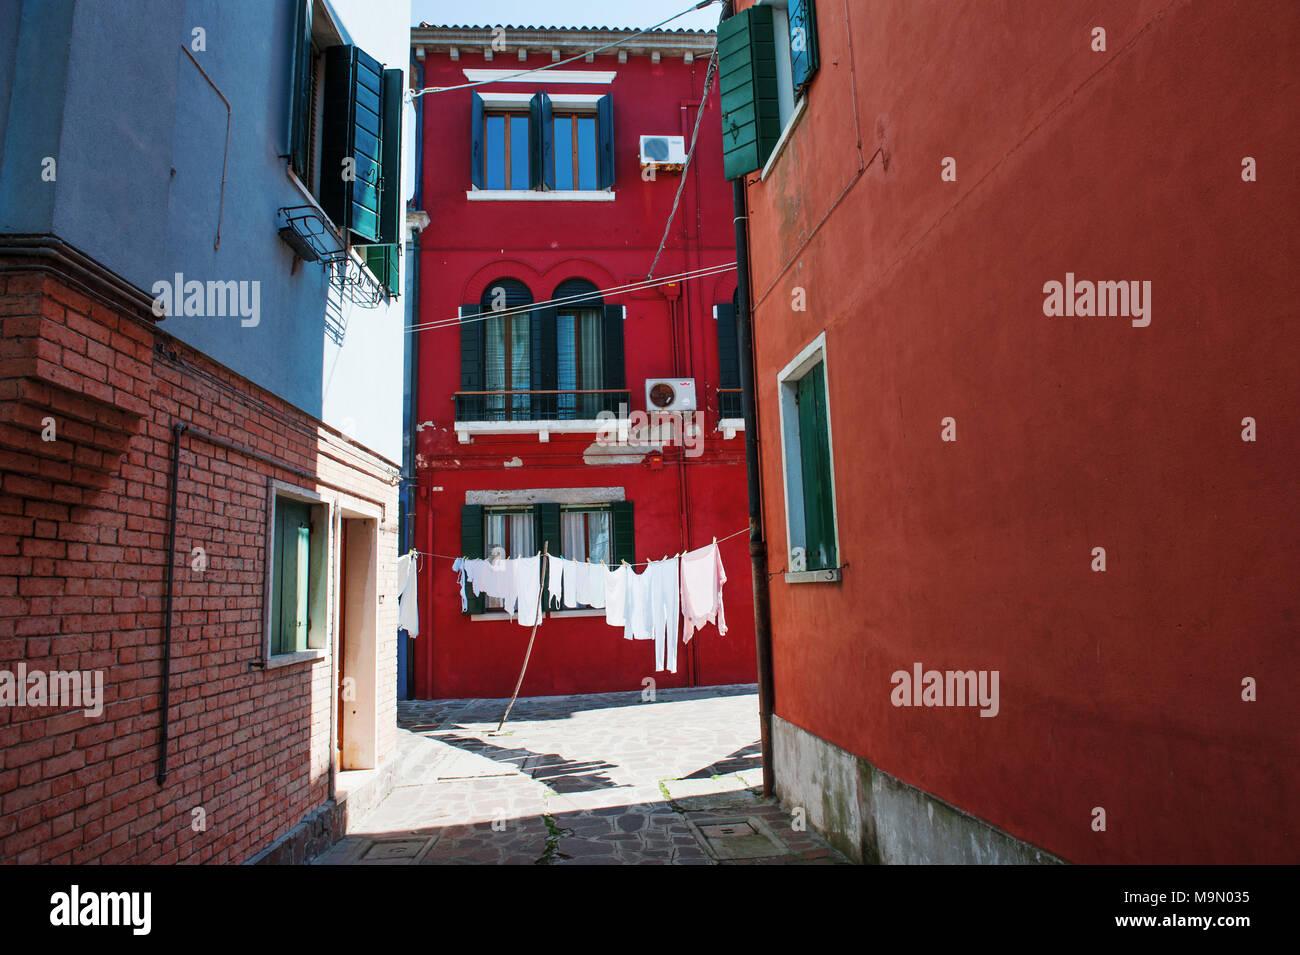 Rue et bâtiments colorés dans l'île de Burano, Venise, Italie, Europe Photo Stock